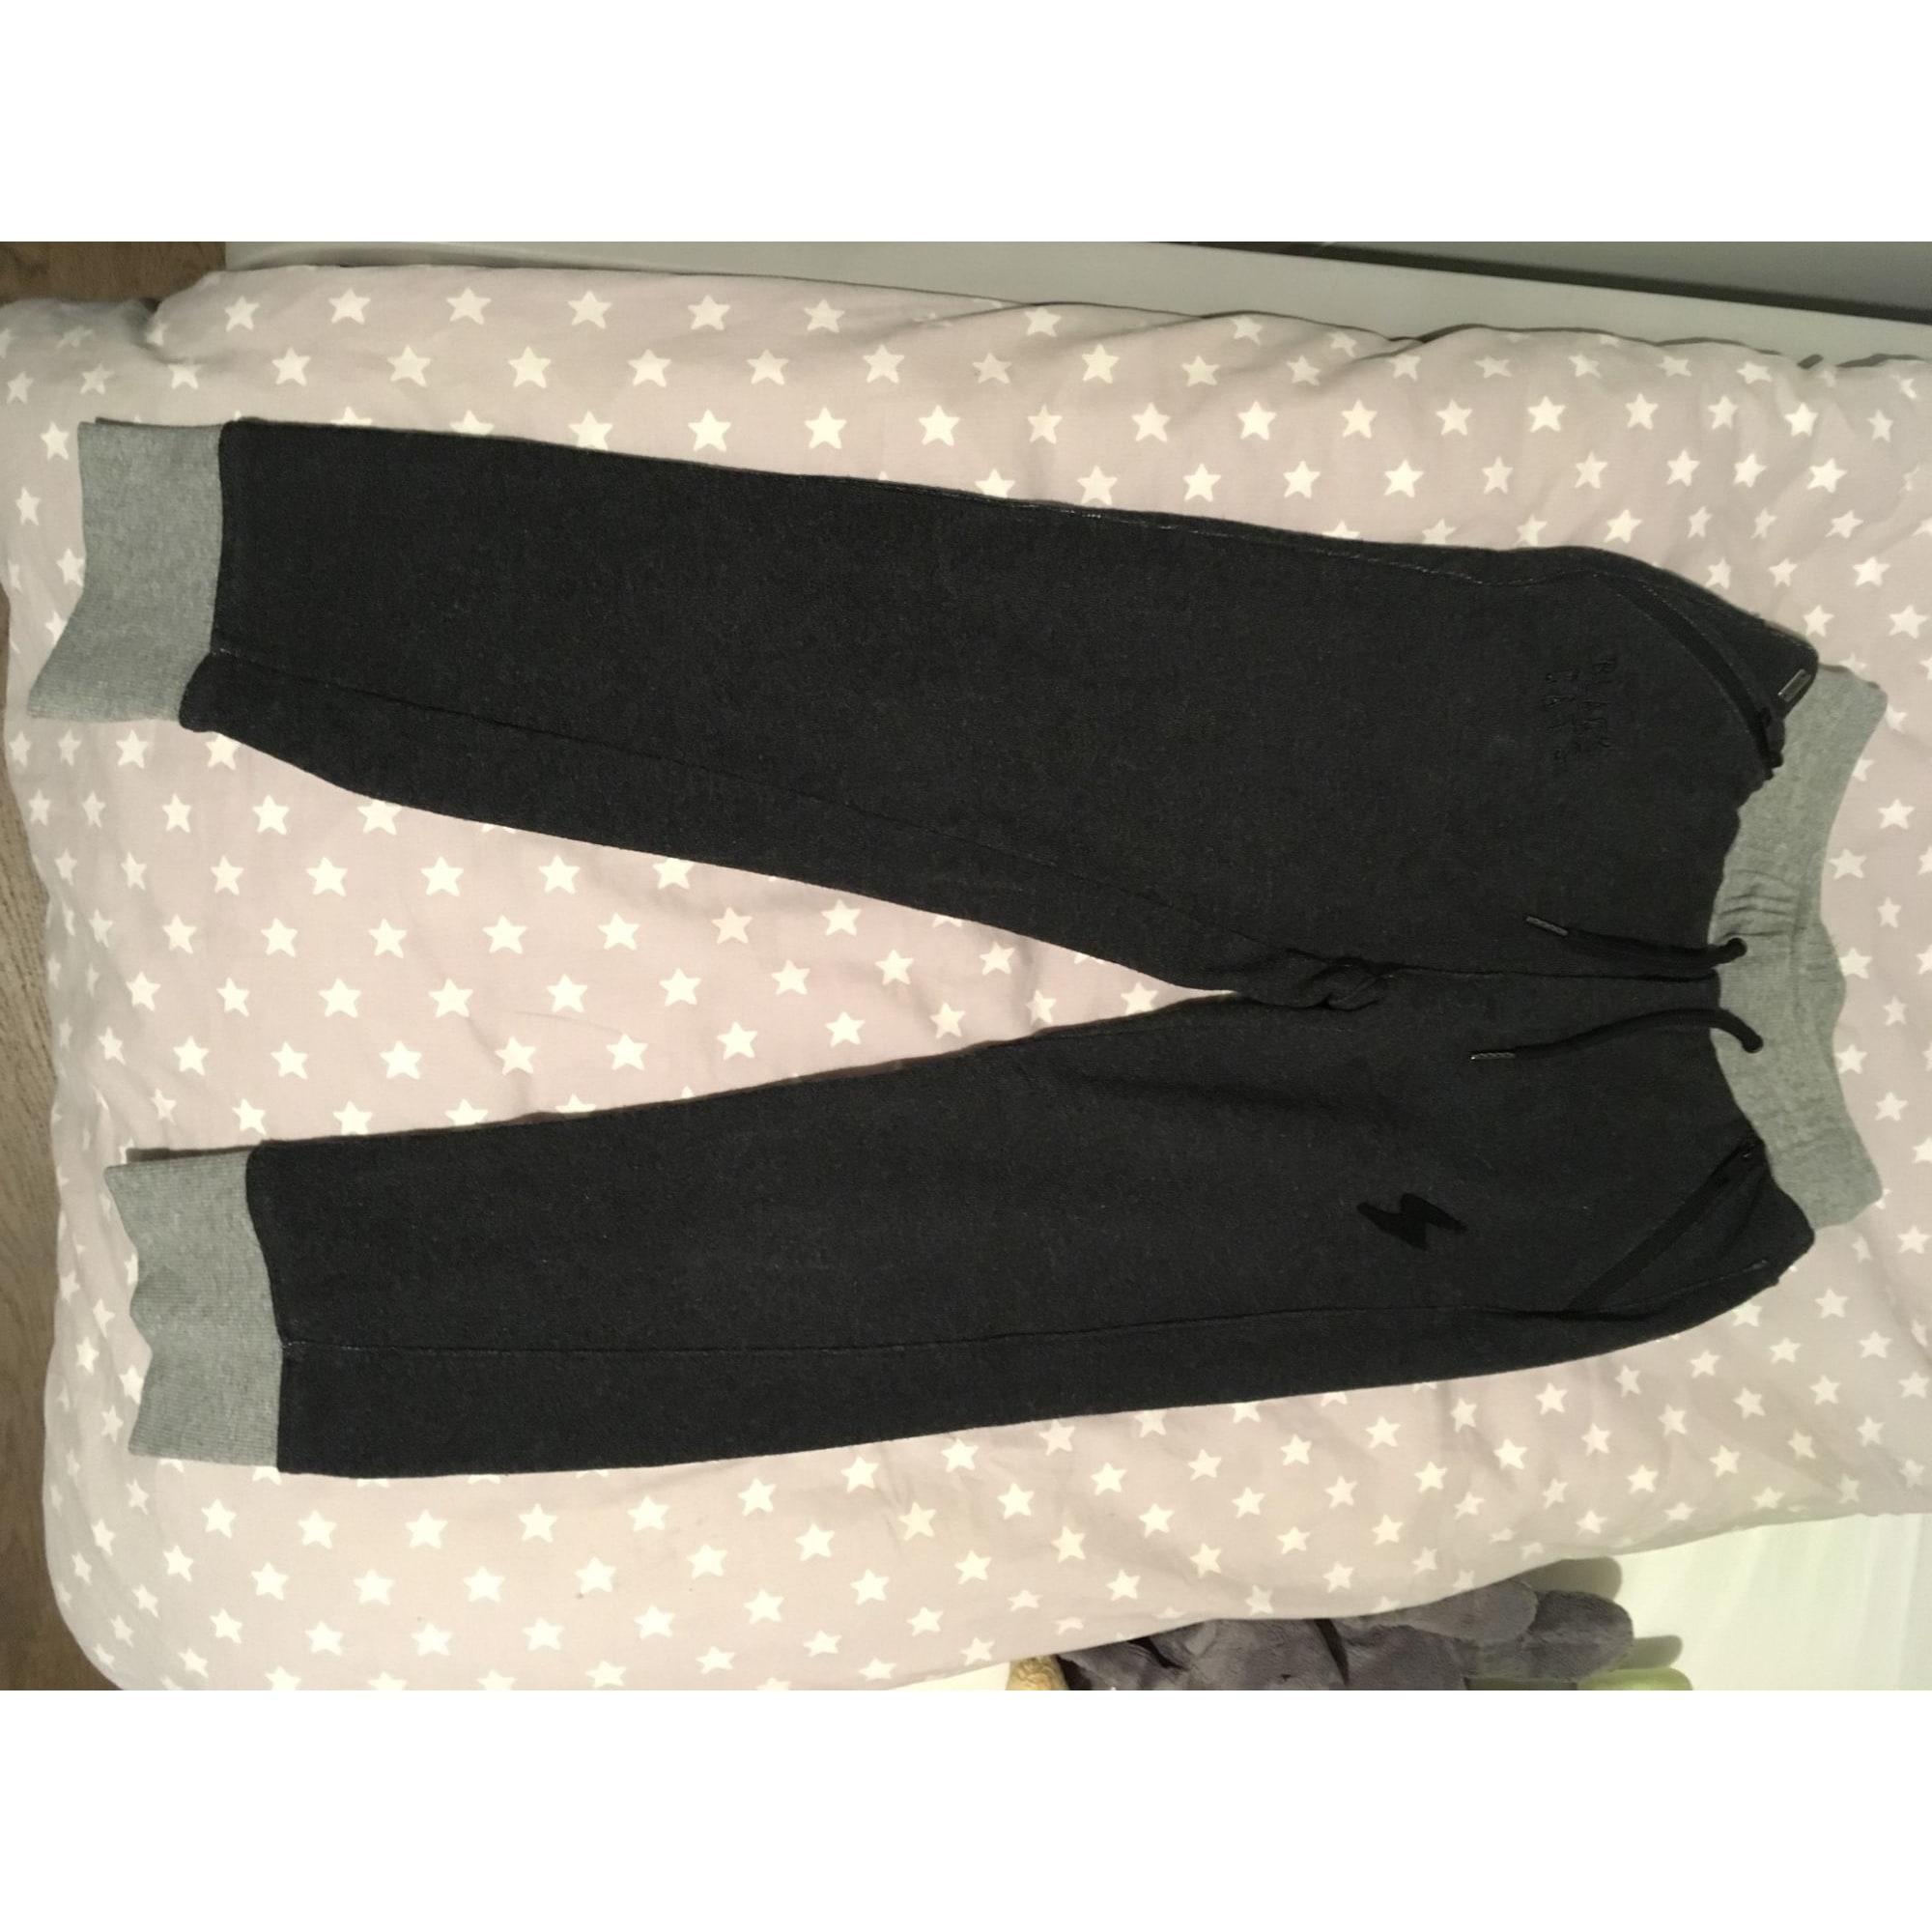 Pantalon de survêtement IKKS coton gris 9-10 ans